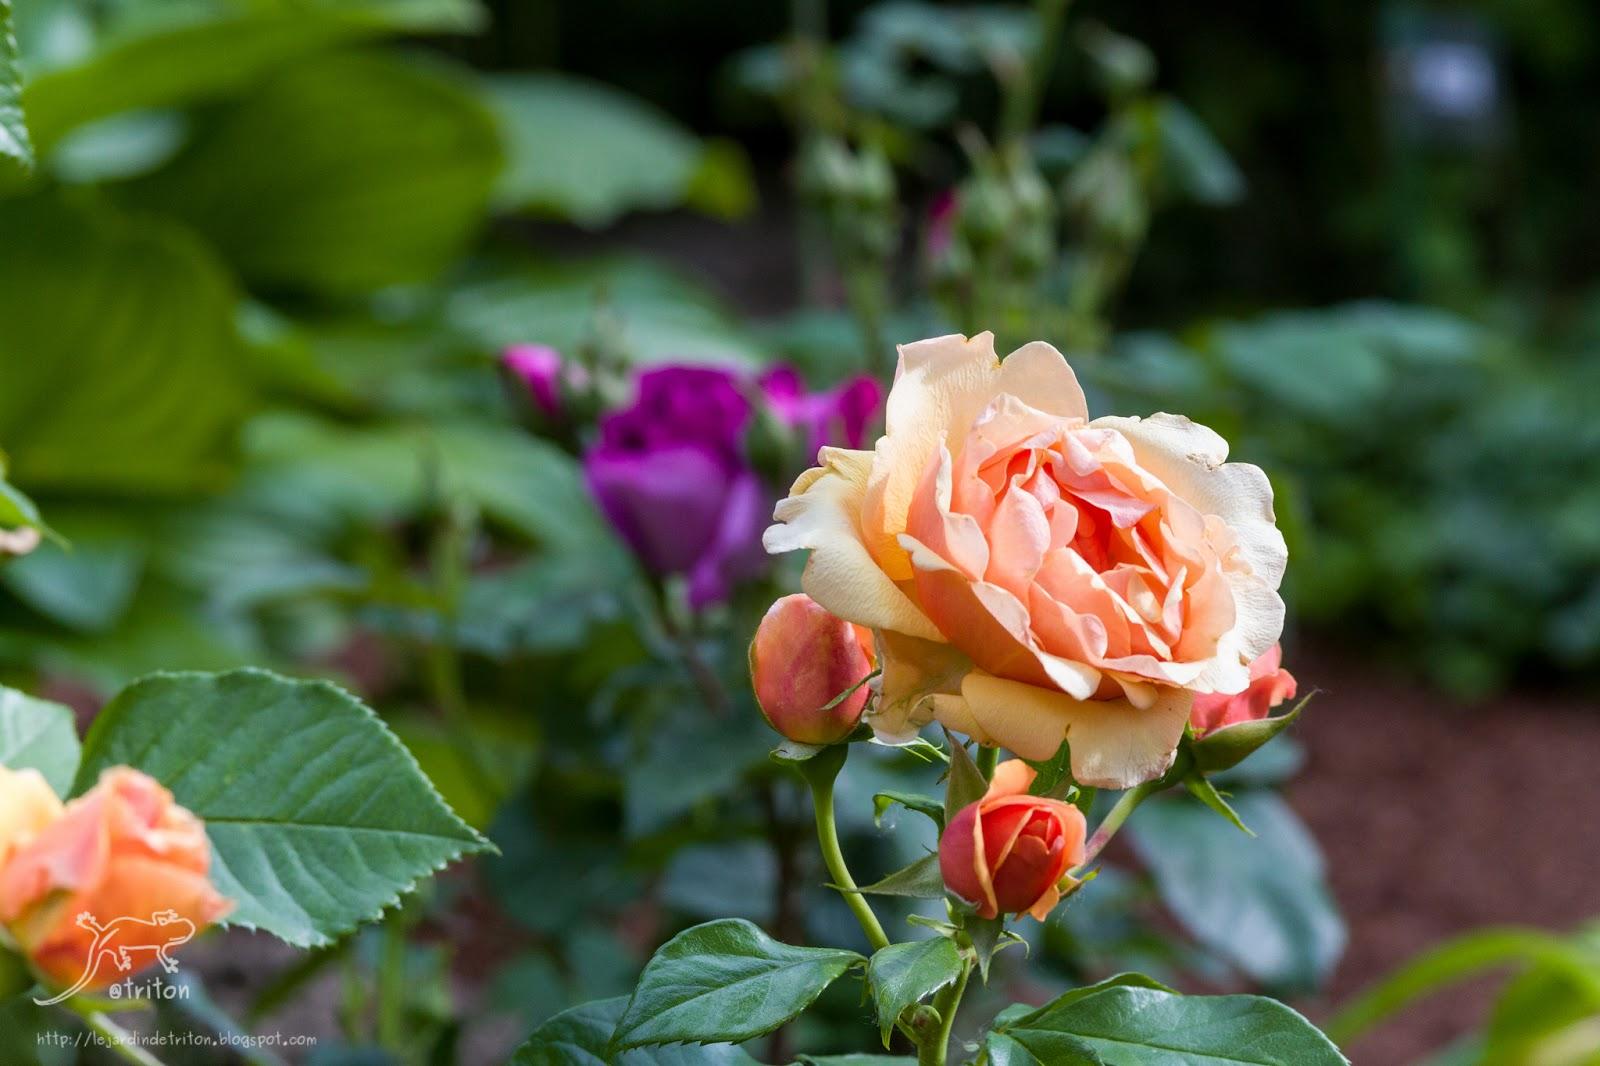 Le jardin de triton visite du jardin les aiguillons en for Jardin a visiter